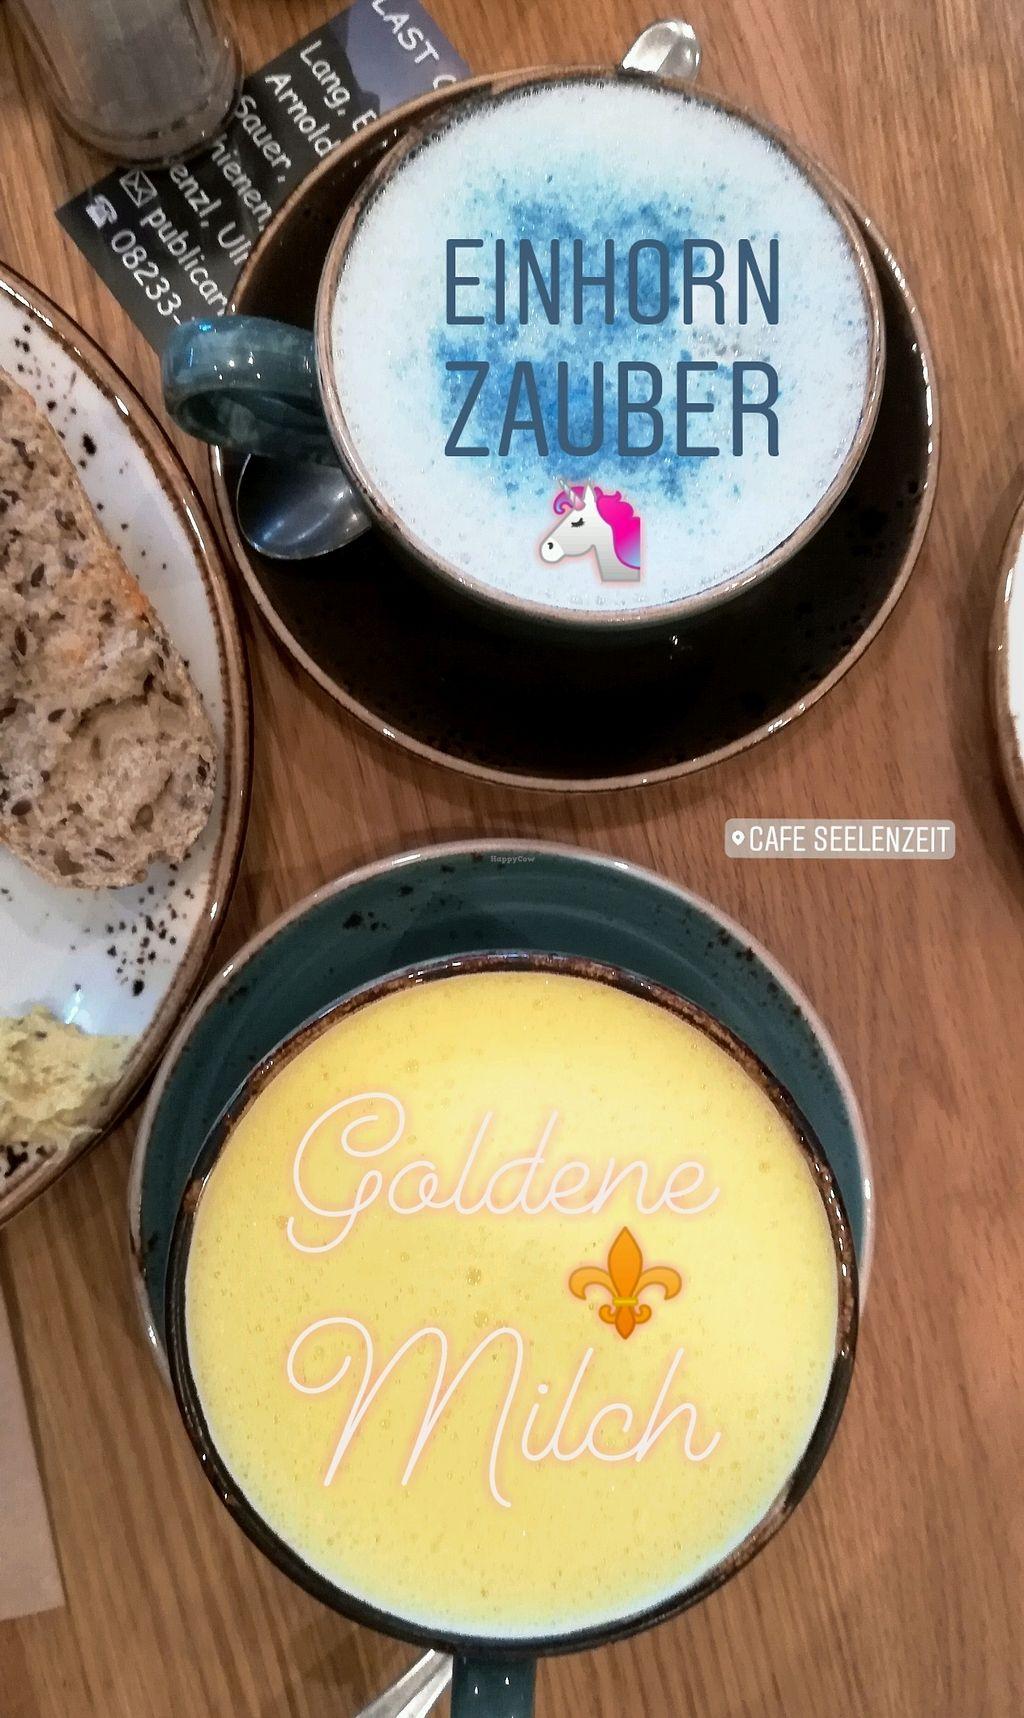 """Photo of Cafe Seelenzeit Genuss fur Korper und Geist  by <a href=""""/members/profile/SophieLichtenstern"""">SophieLichtenstern</a> <br/>Einhorn Zauber (mit Spirulina) und Goldene Milch  <br/> February 21, 2018  - <a href='/contact/abuse/image/110500/361956'>Report</a>"""